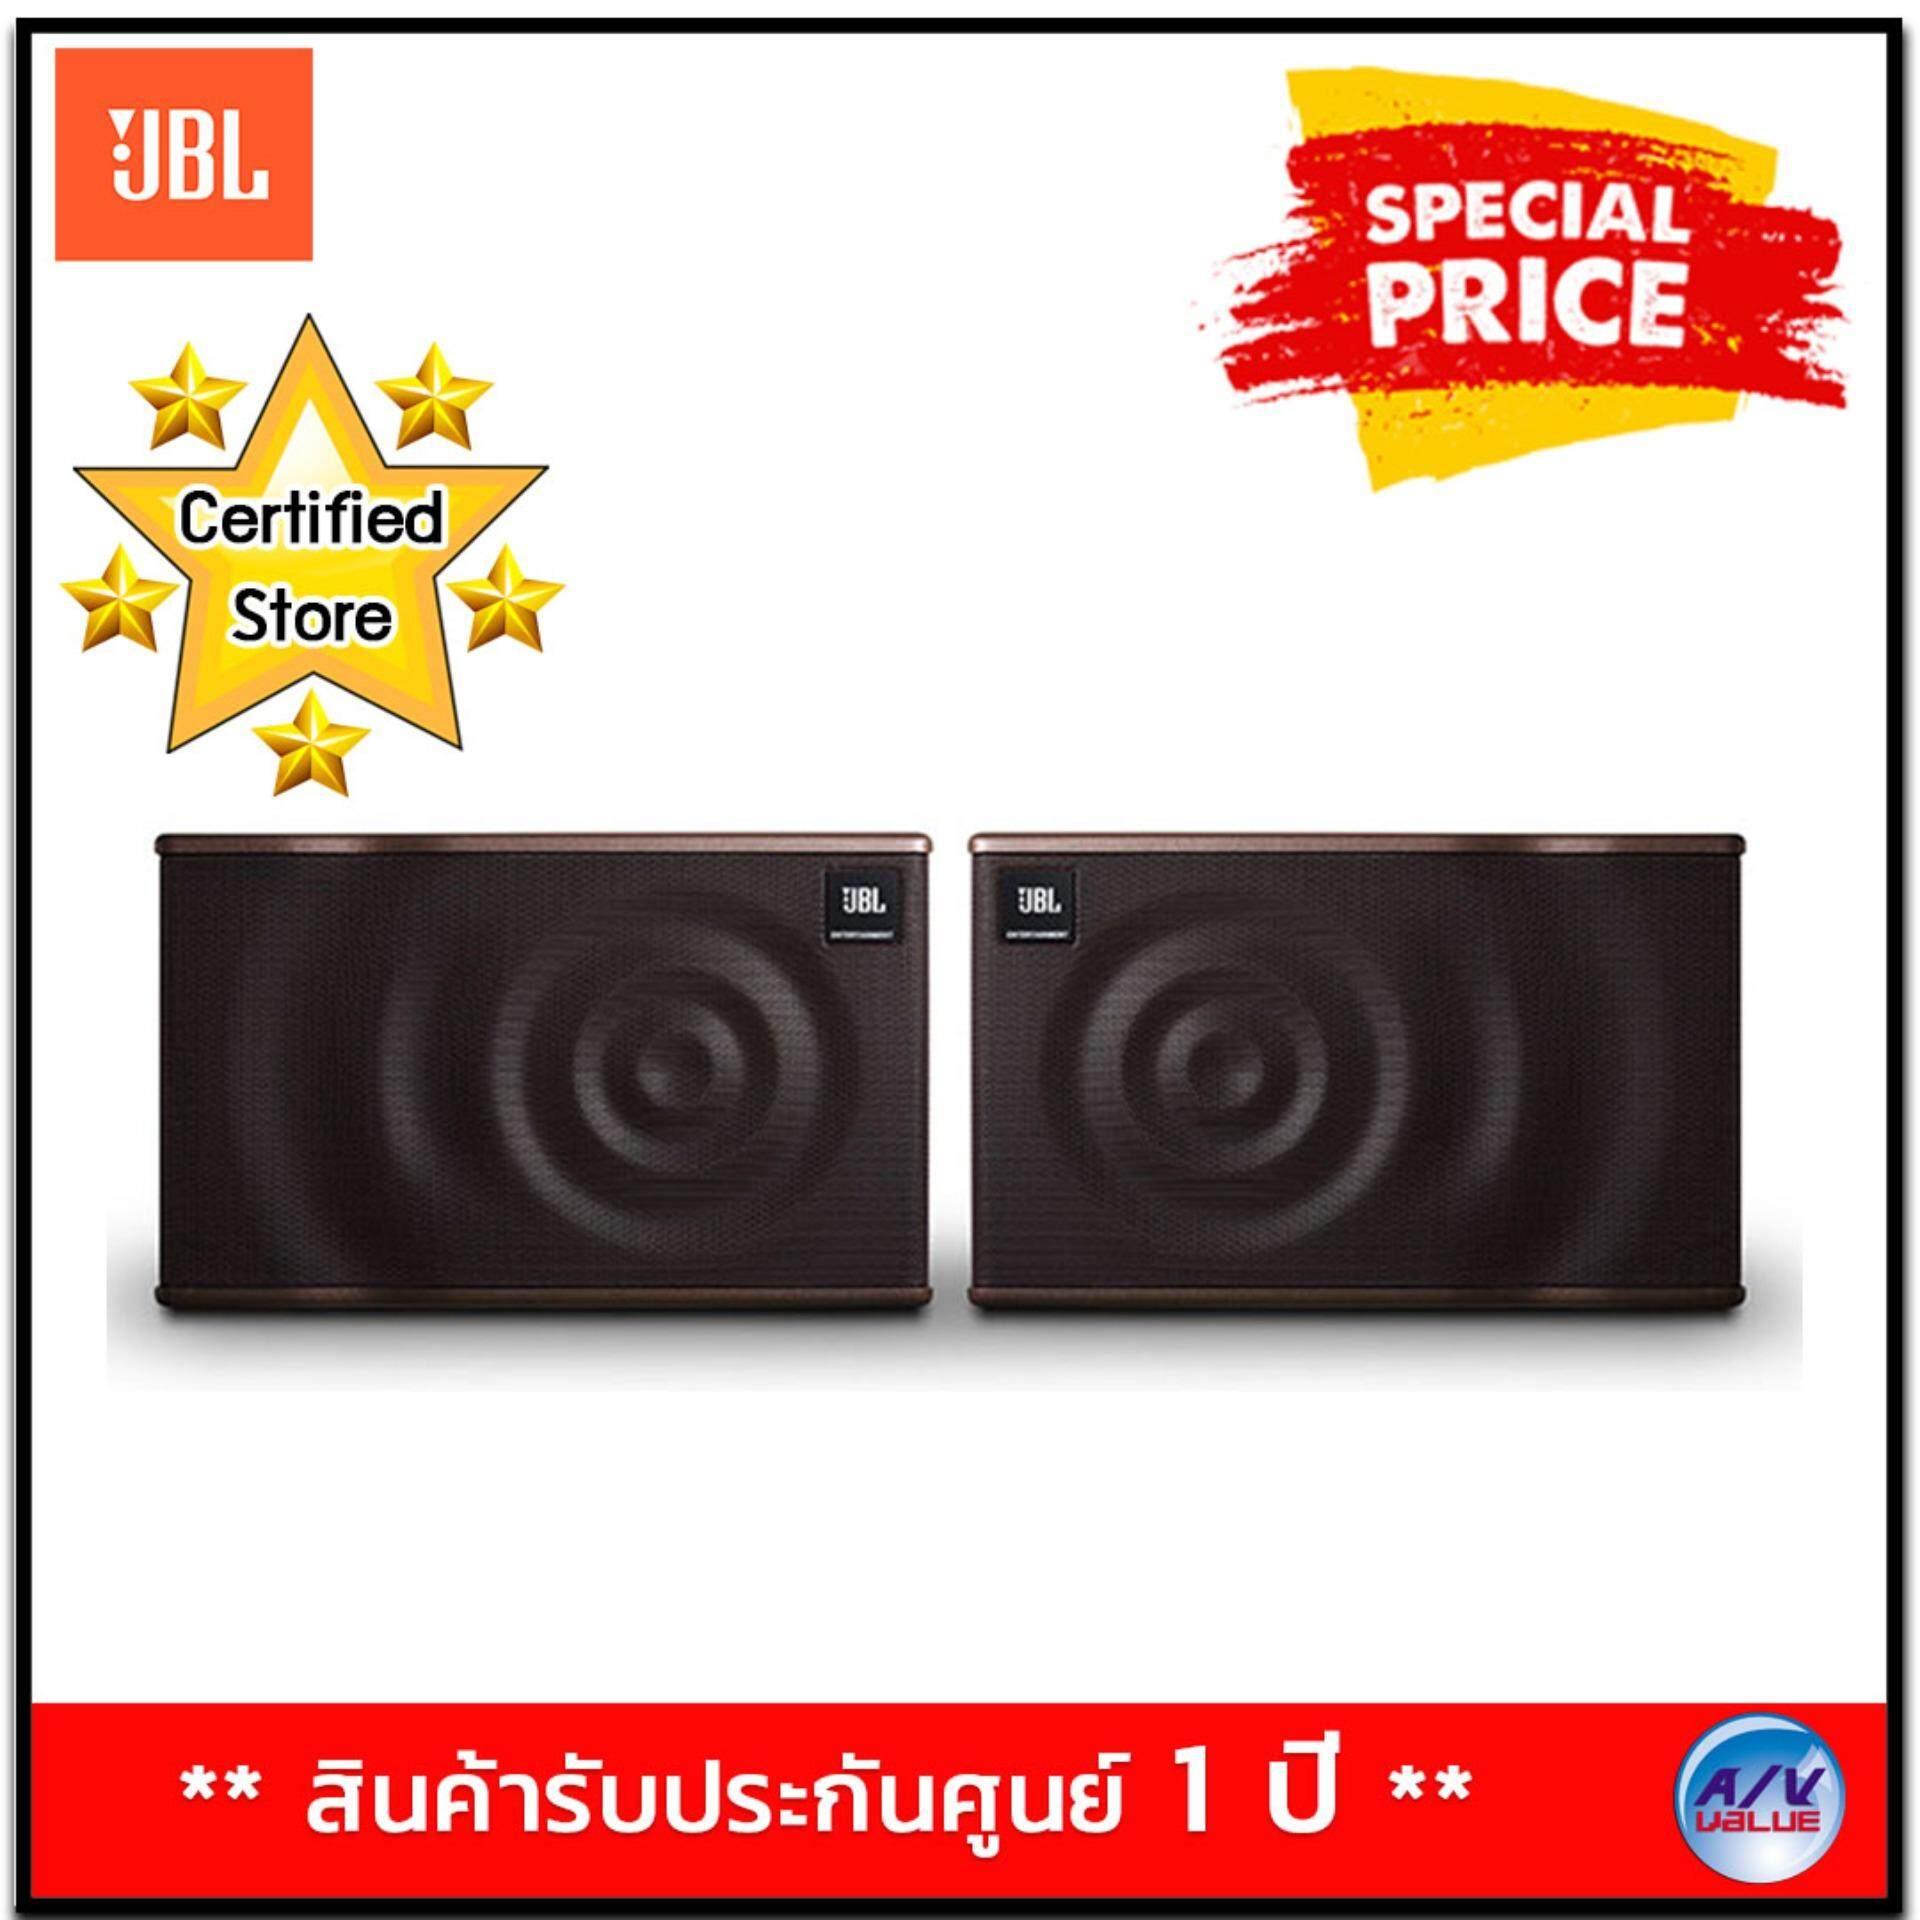 สอนใช้งาน  นครสวรรค์ JBL MK10 10-Inch 2-Way Full-Range Loudspeaker System **Voucher ส่วนลดเพิ่มพิเศษ